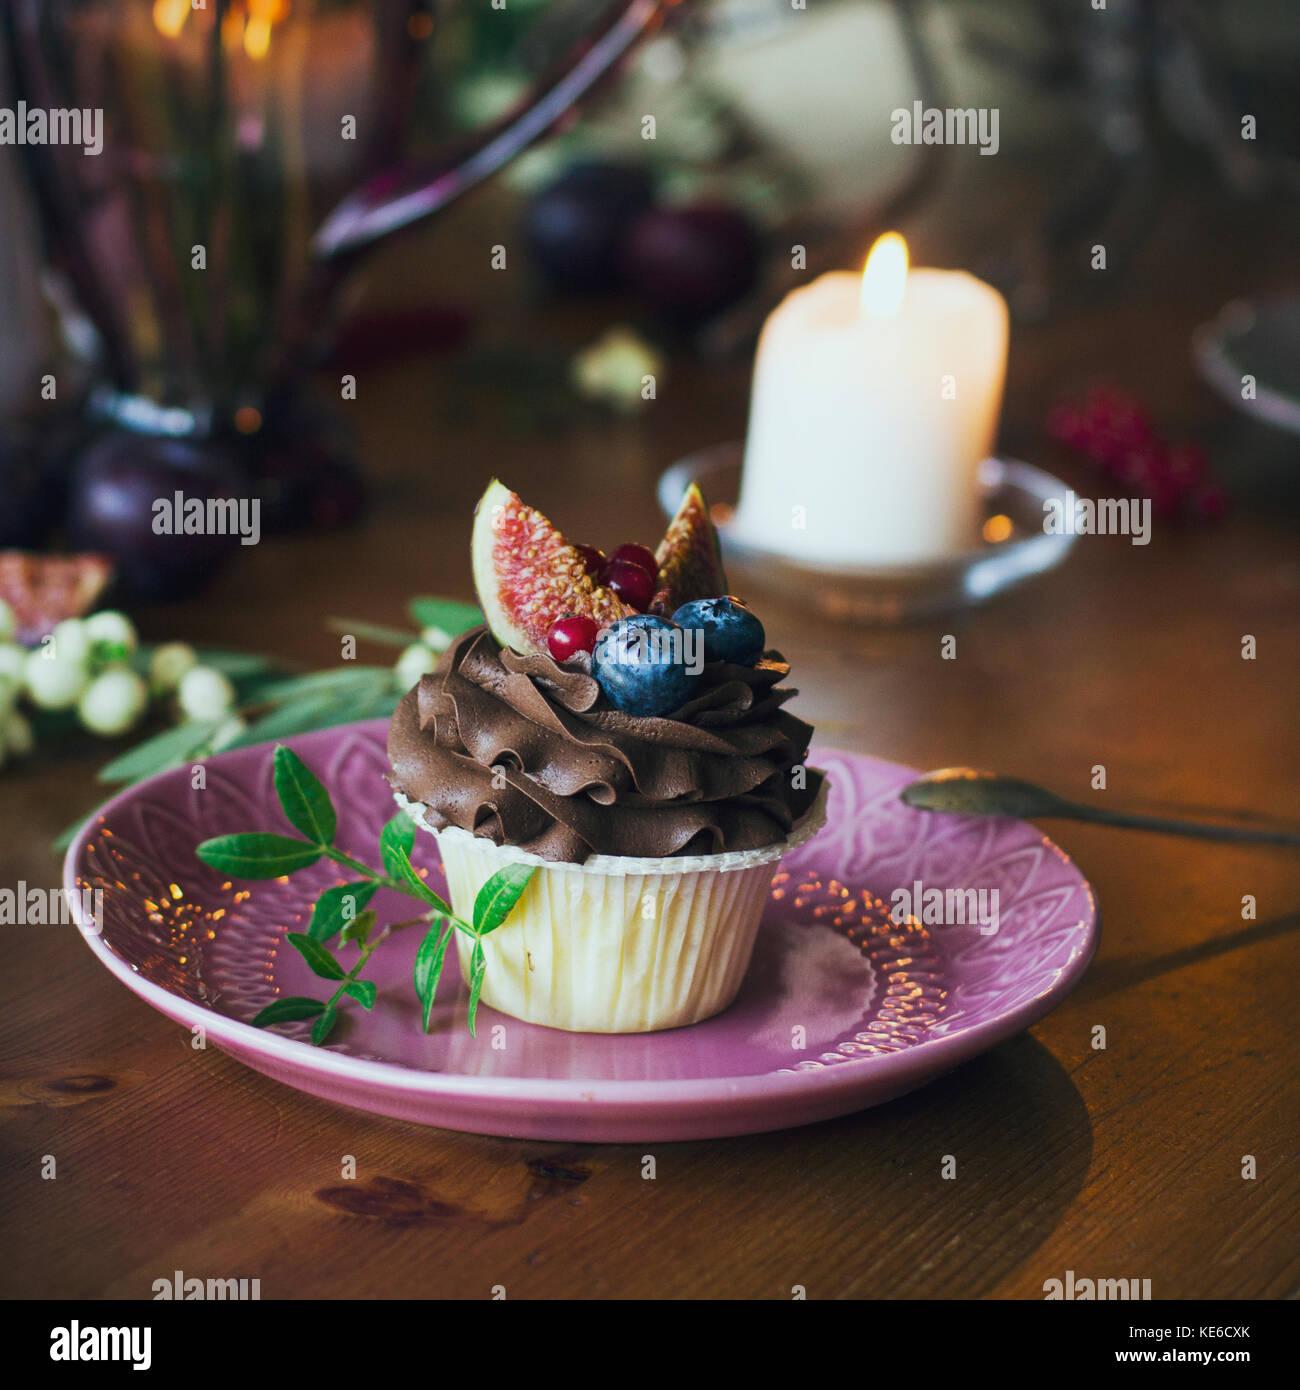 Tortina al cioccolato con fichi e bacche sulla tavola festiva Immagini Stock